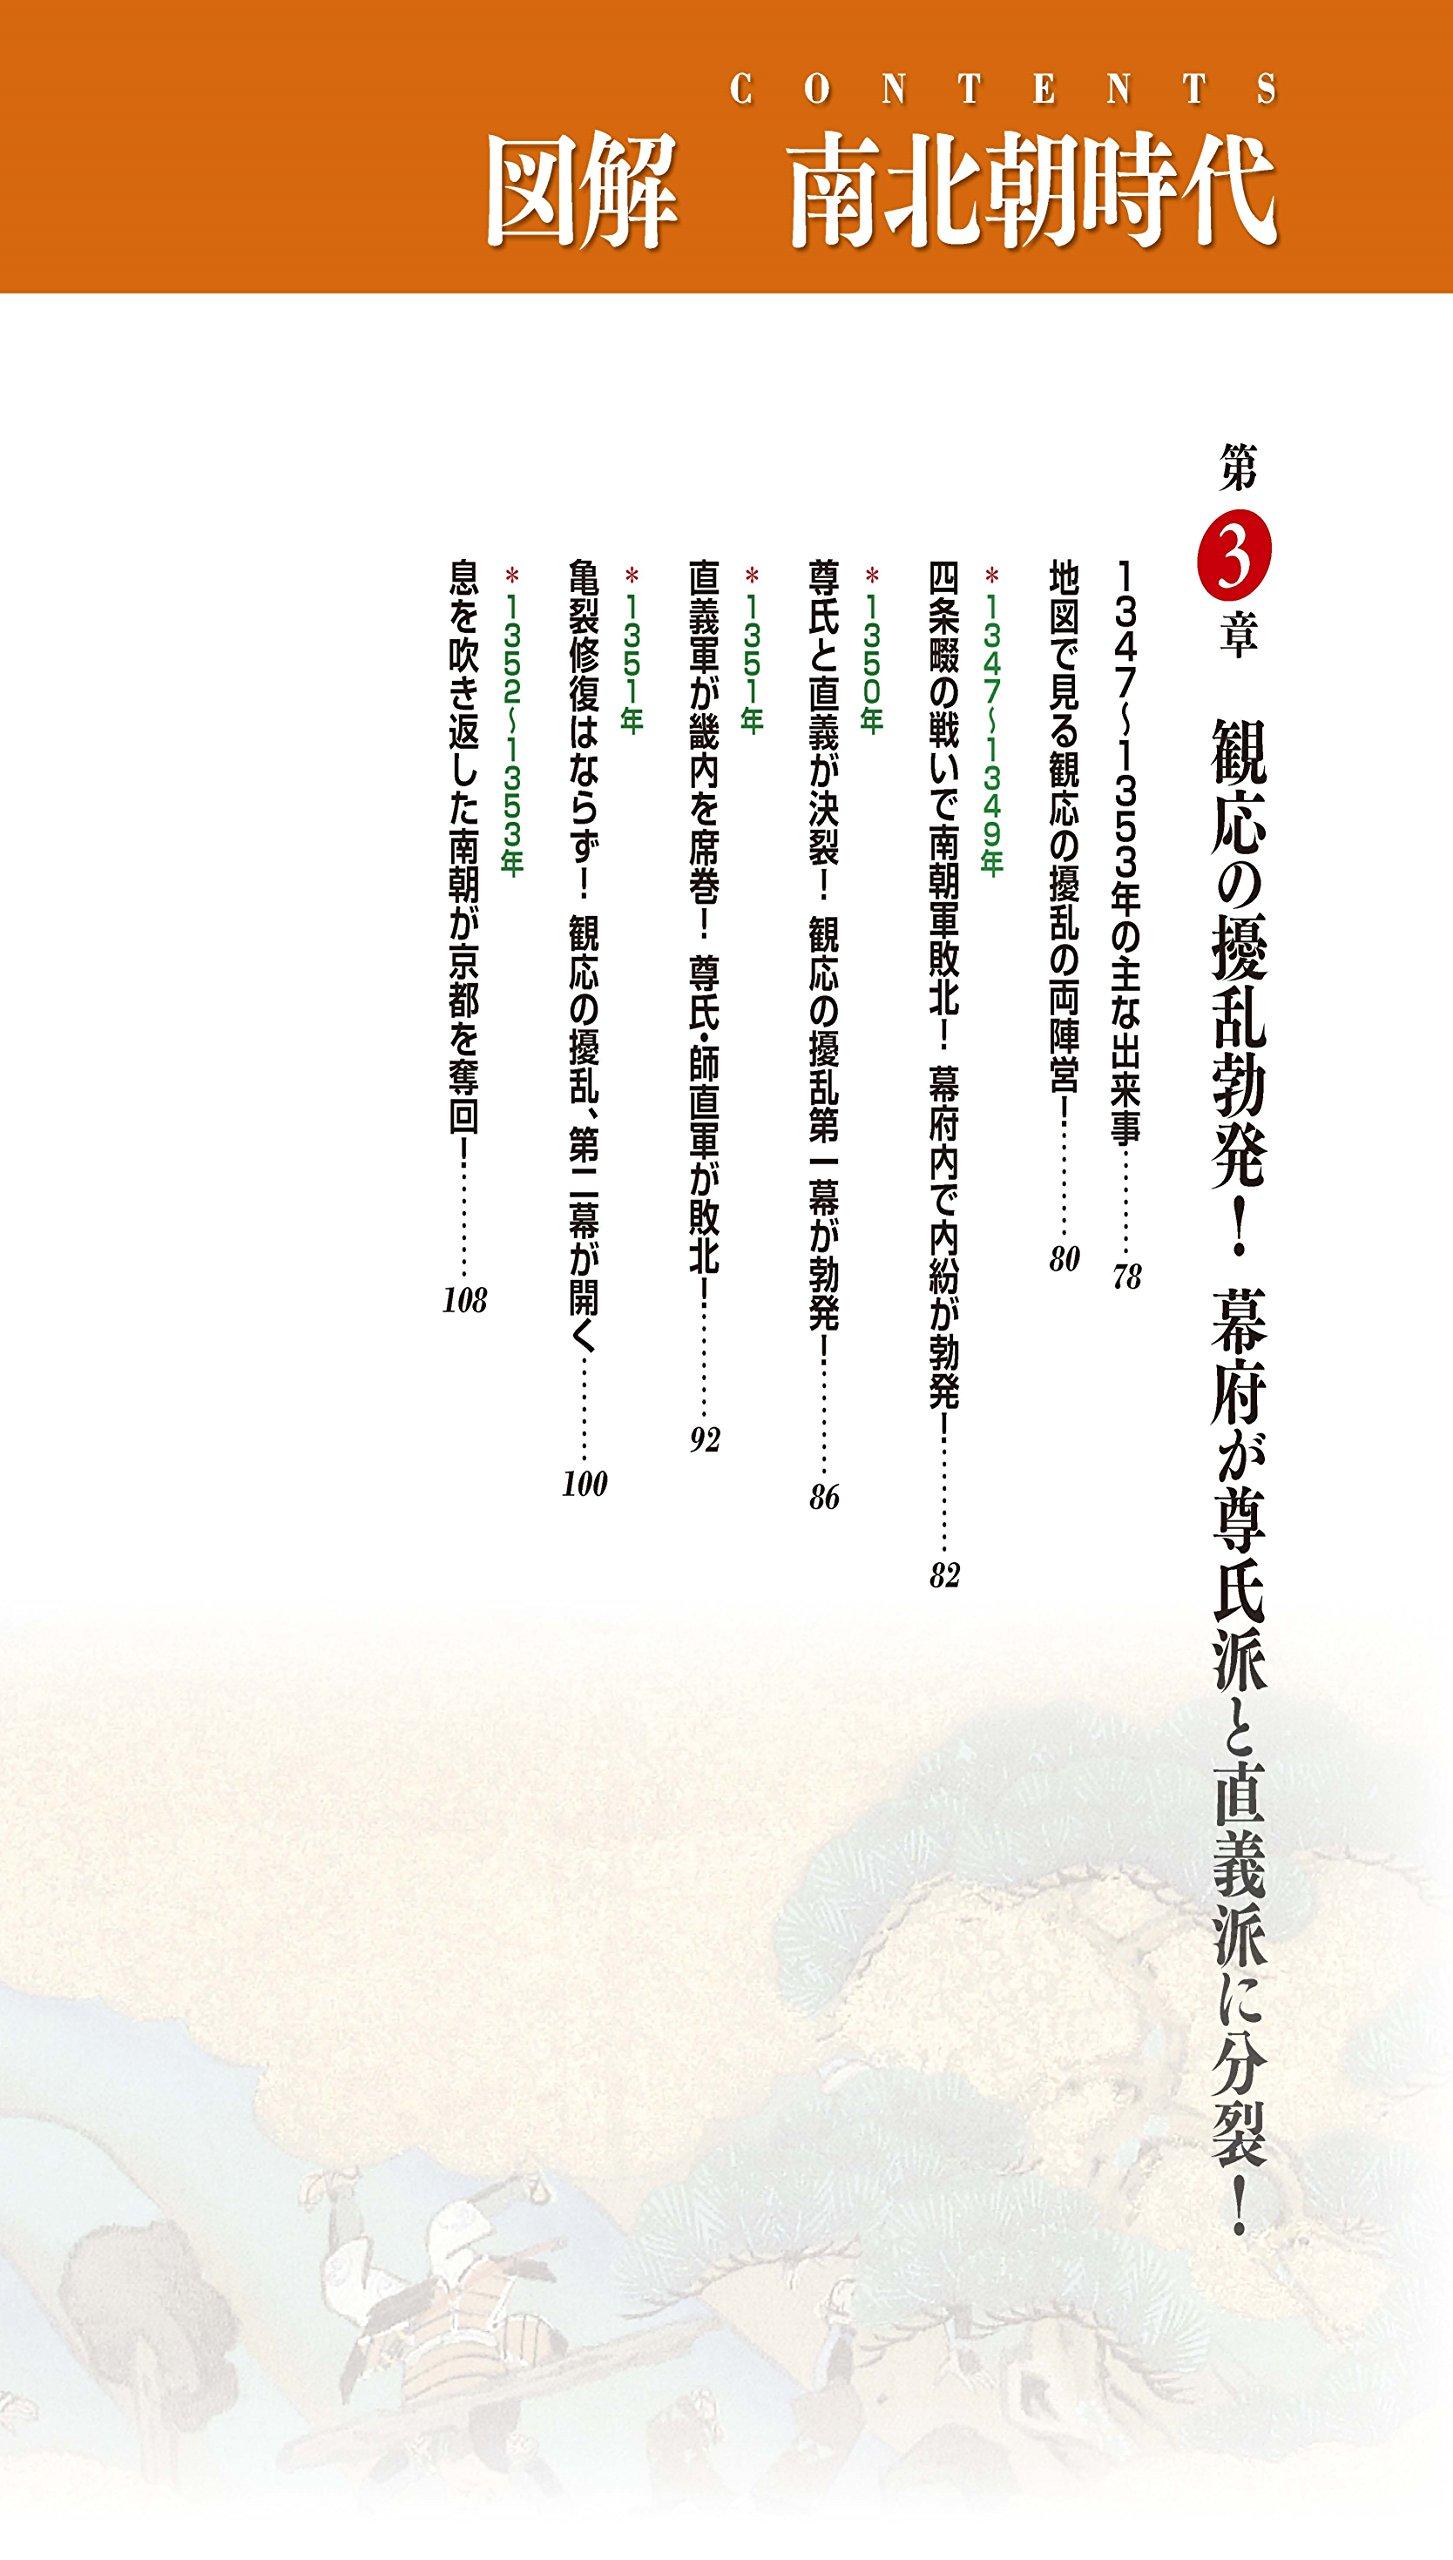 図解 観応の擾乱と南北朝動乱 ([...